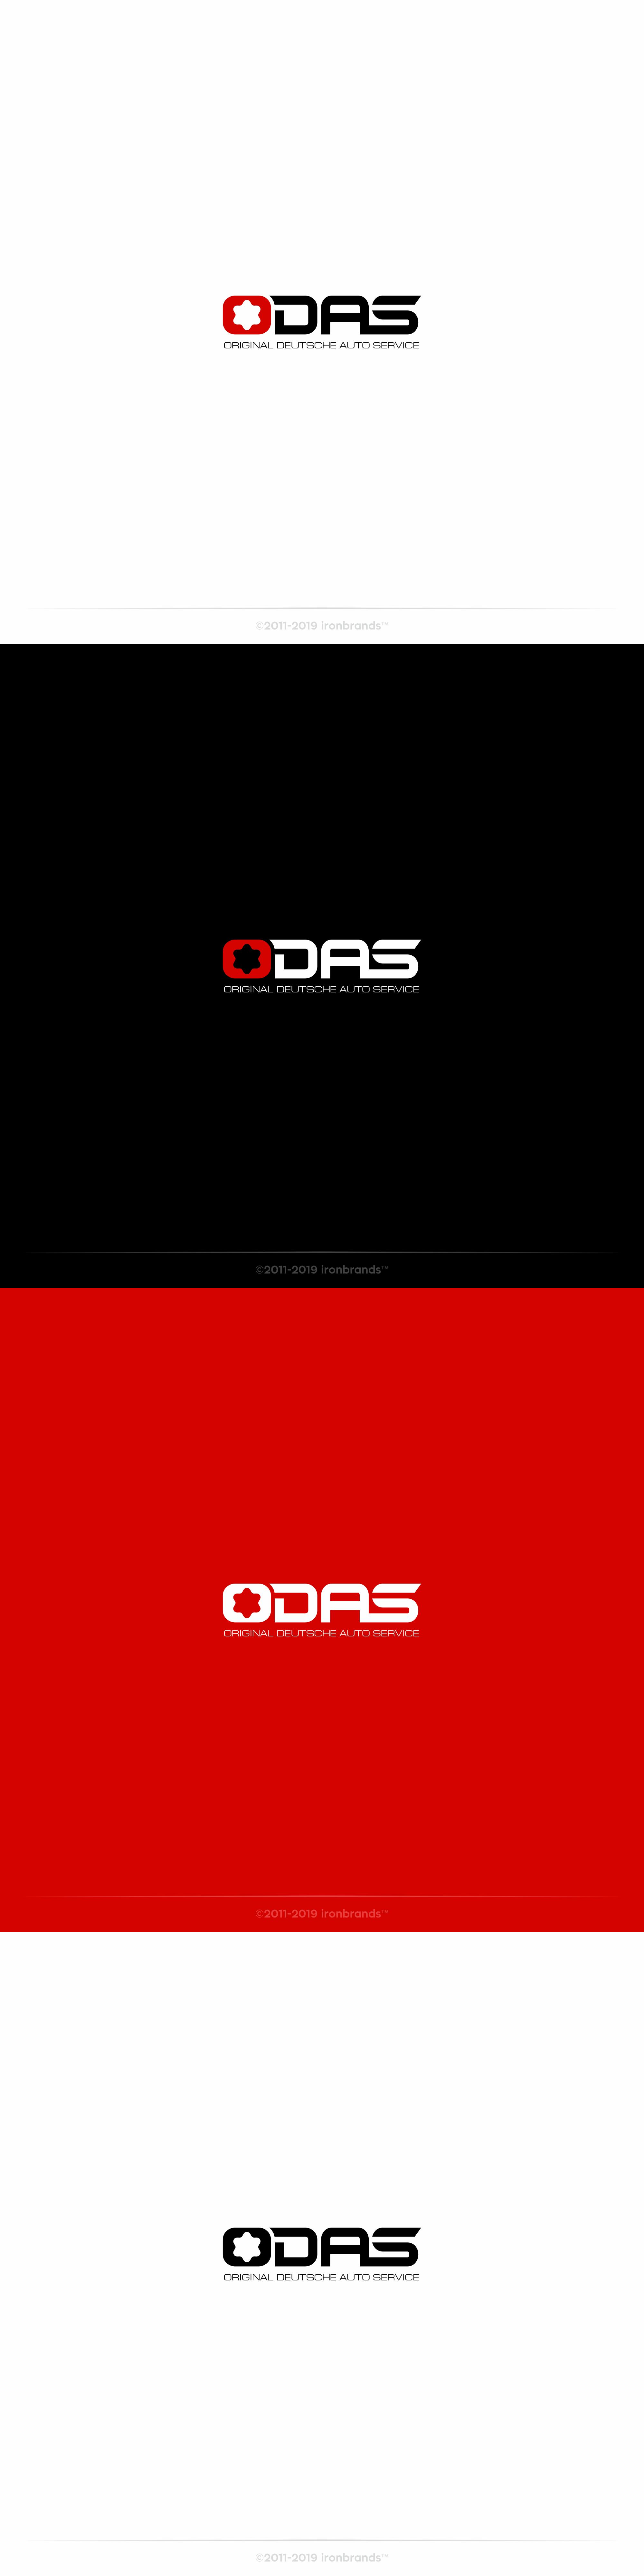 Дизайнер на ребрендинг  фото f_0865cac717a6c6d9.jpg